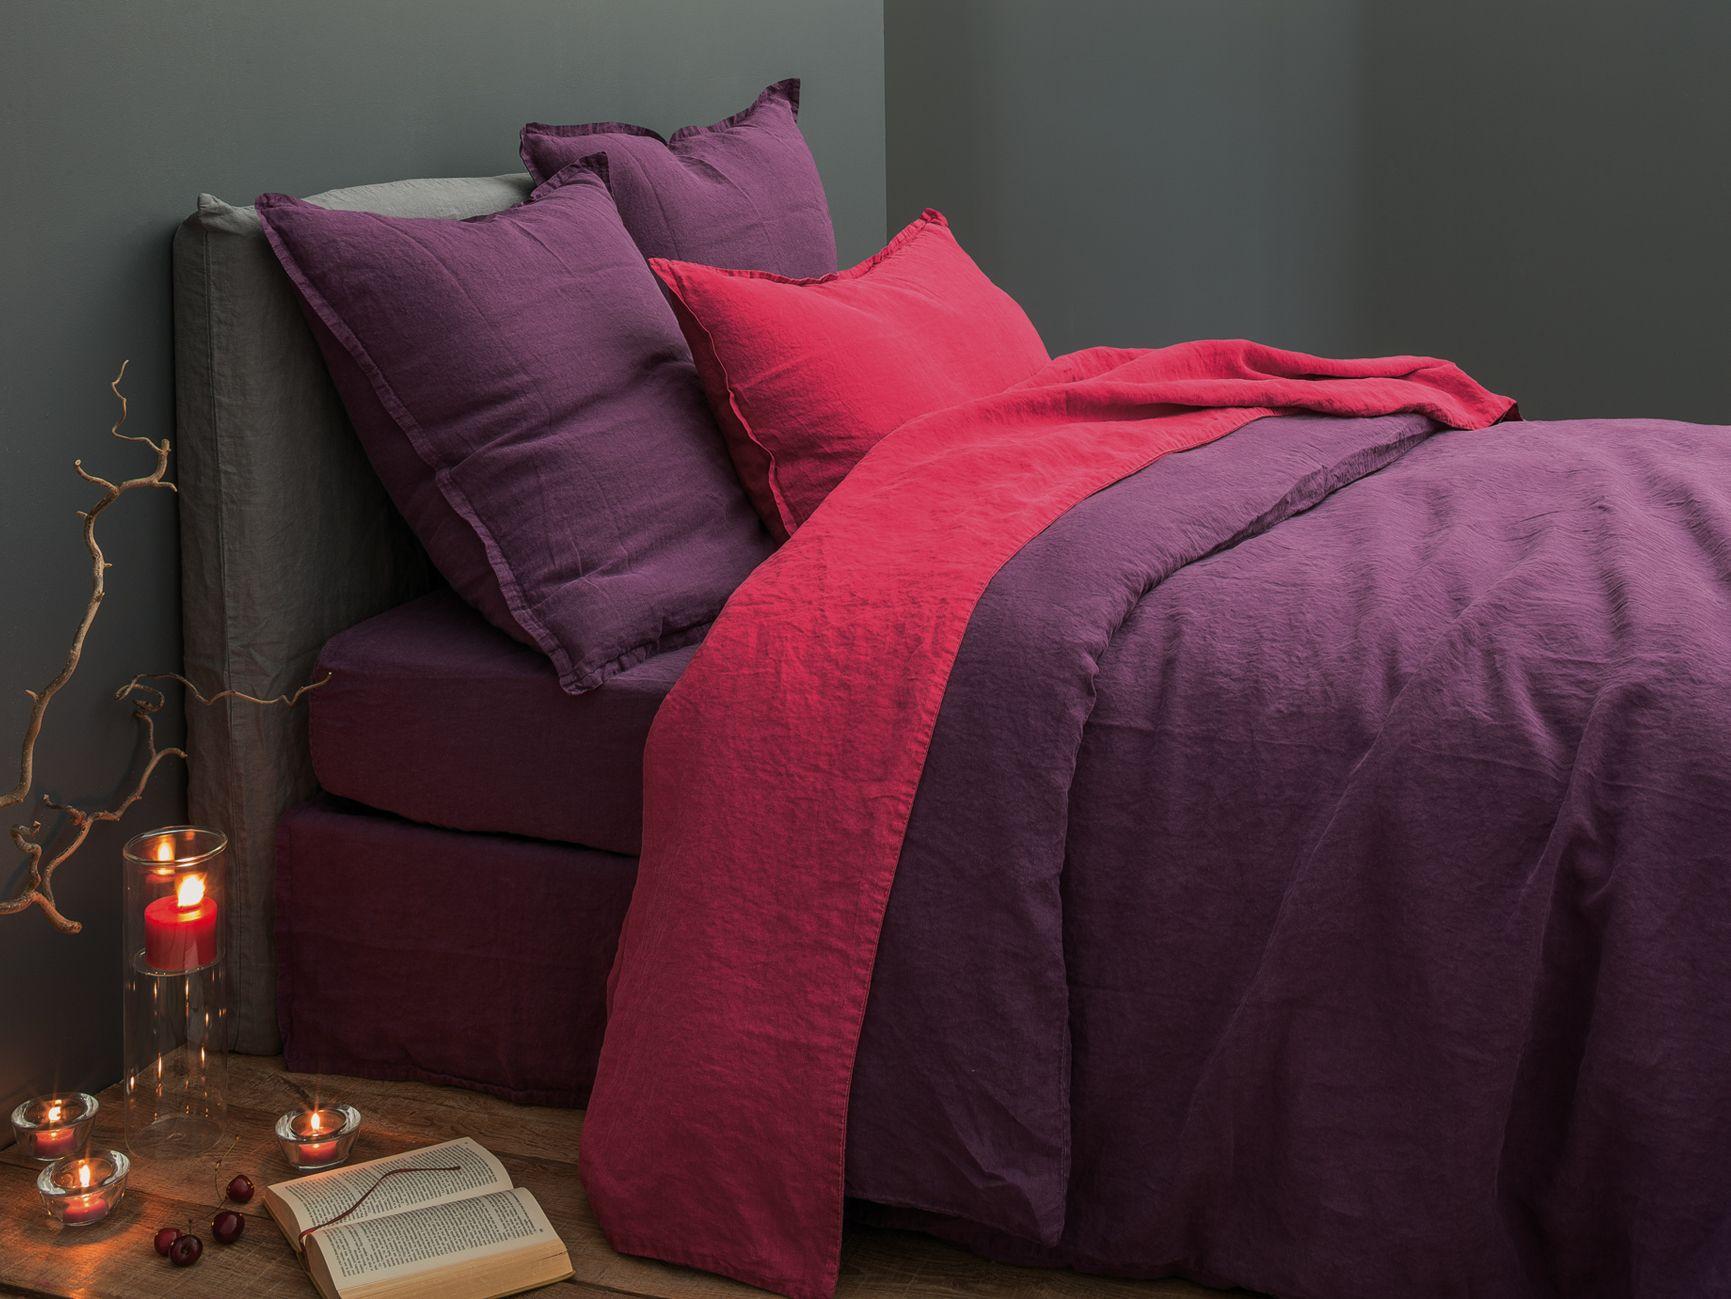 nouvelles collections et ventes prives de dcoration livraison offerte sur toute commande ds. Black Bedroom Furniture Sets. Home Design Ideas